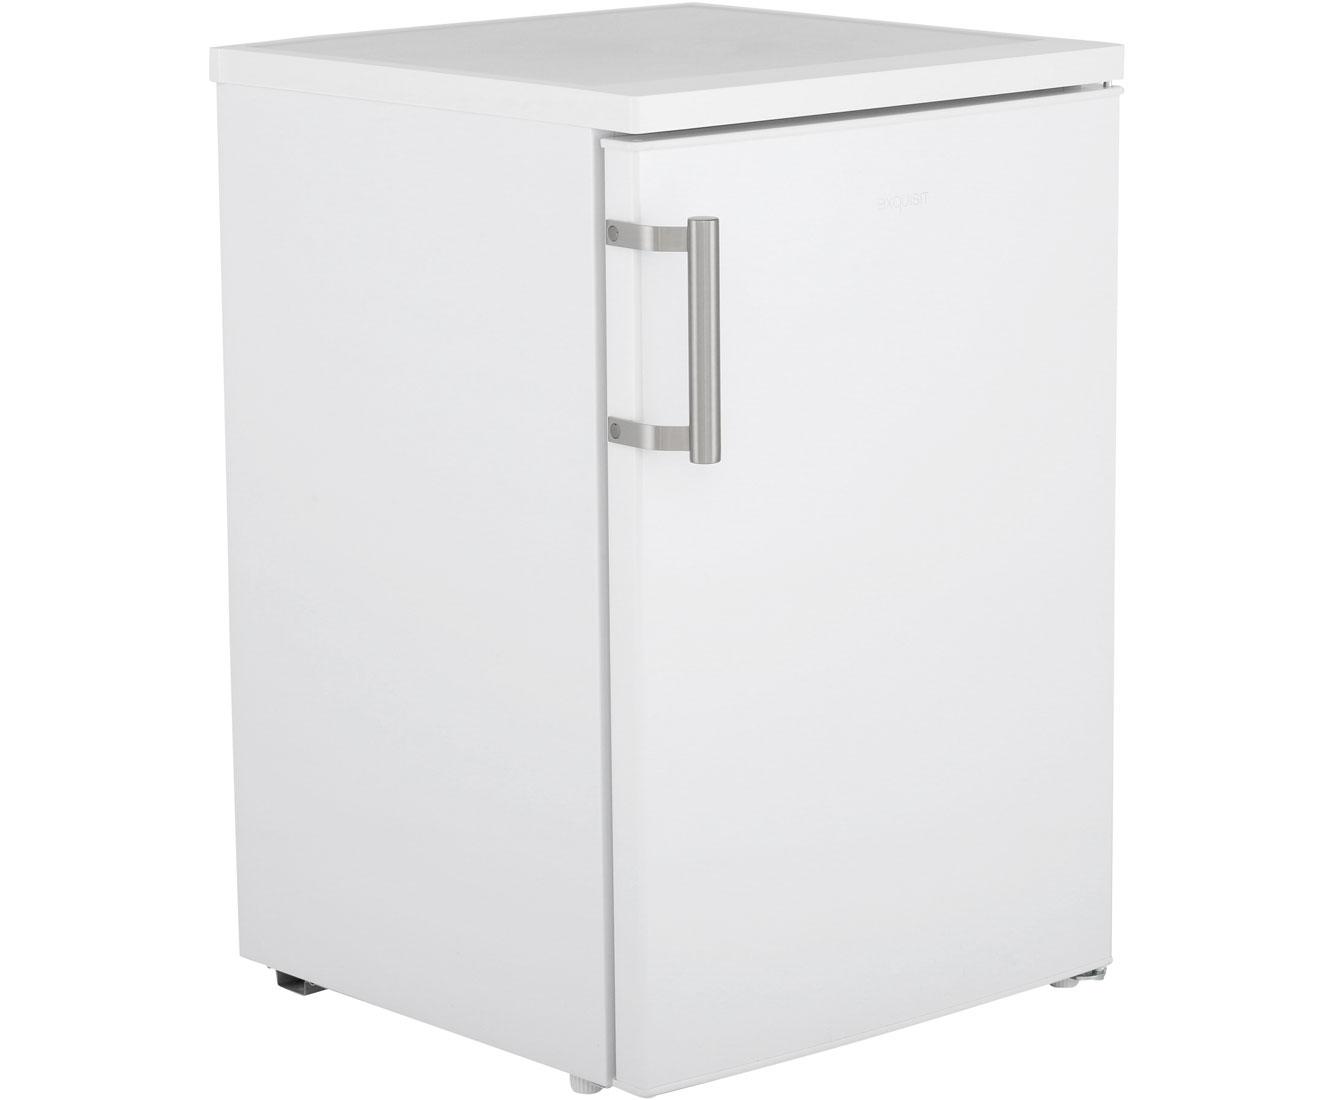 Retro Kühlschrank Karstadt : Rabatt preisvergleich.de kühlen & gefrieren u003e kühlschränke